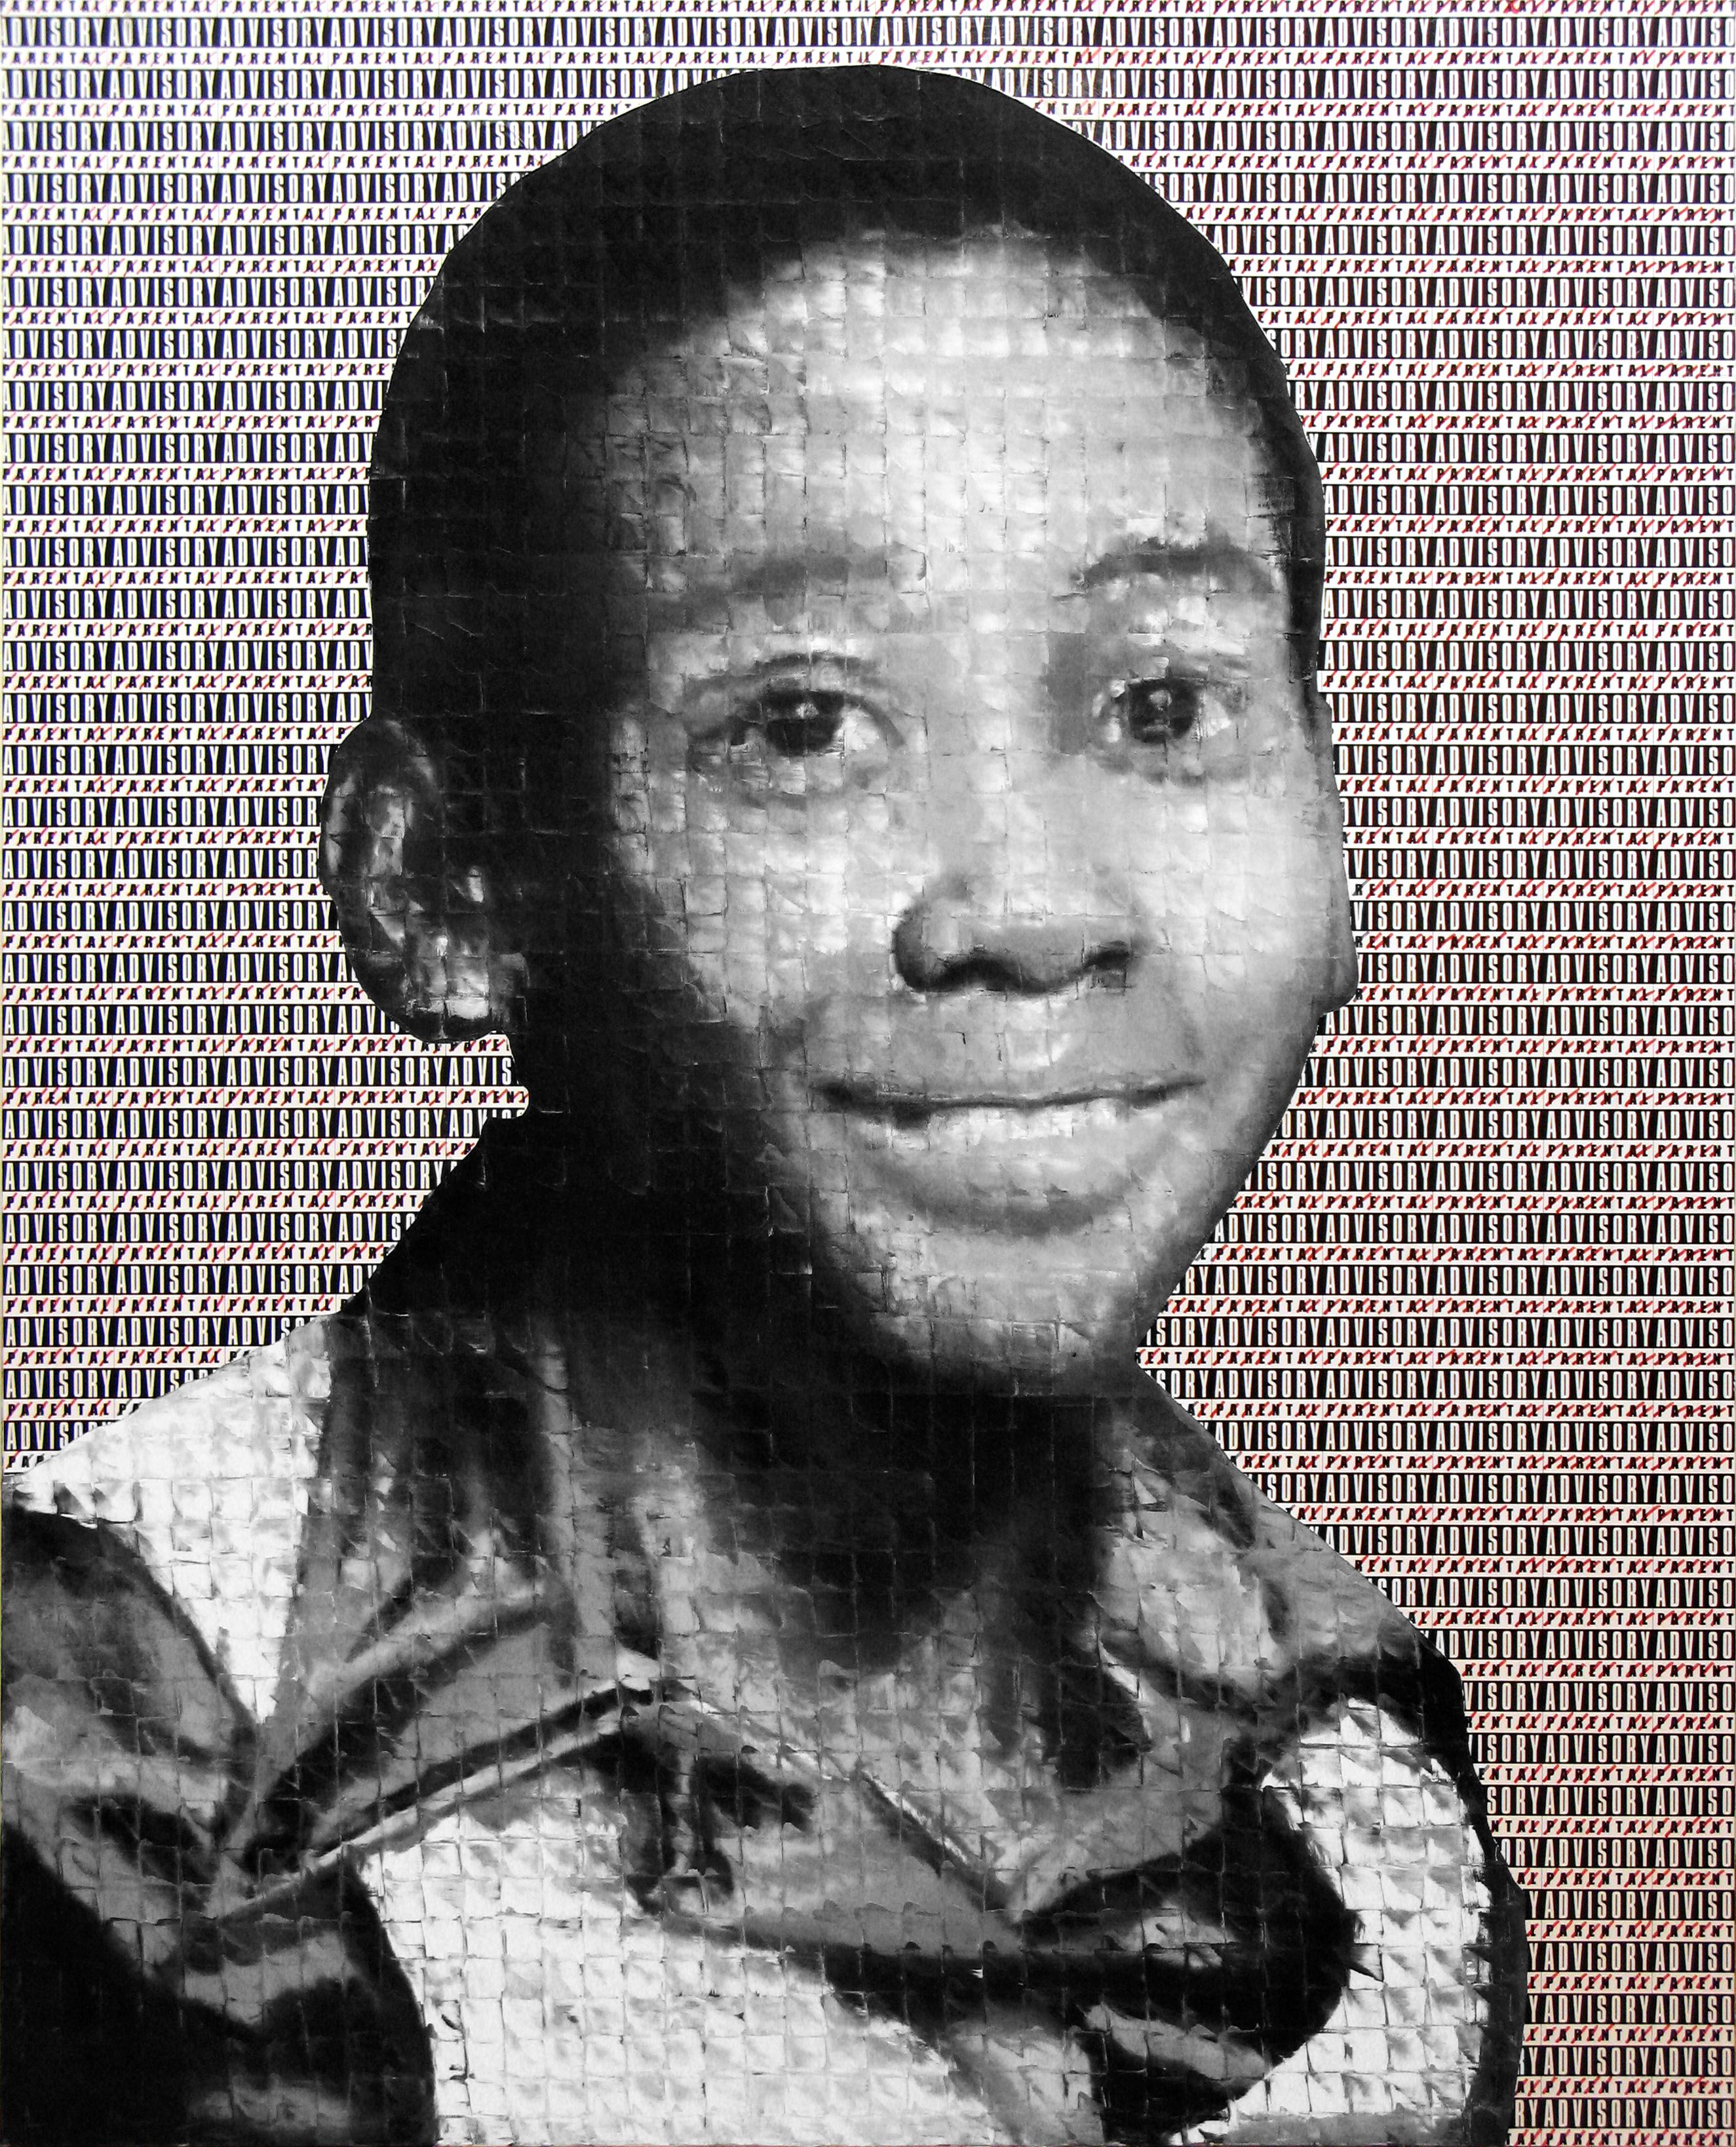 Patrice Palacio - Troy Davis